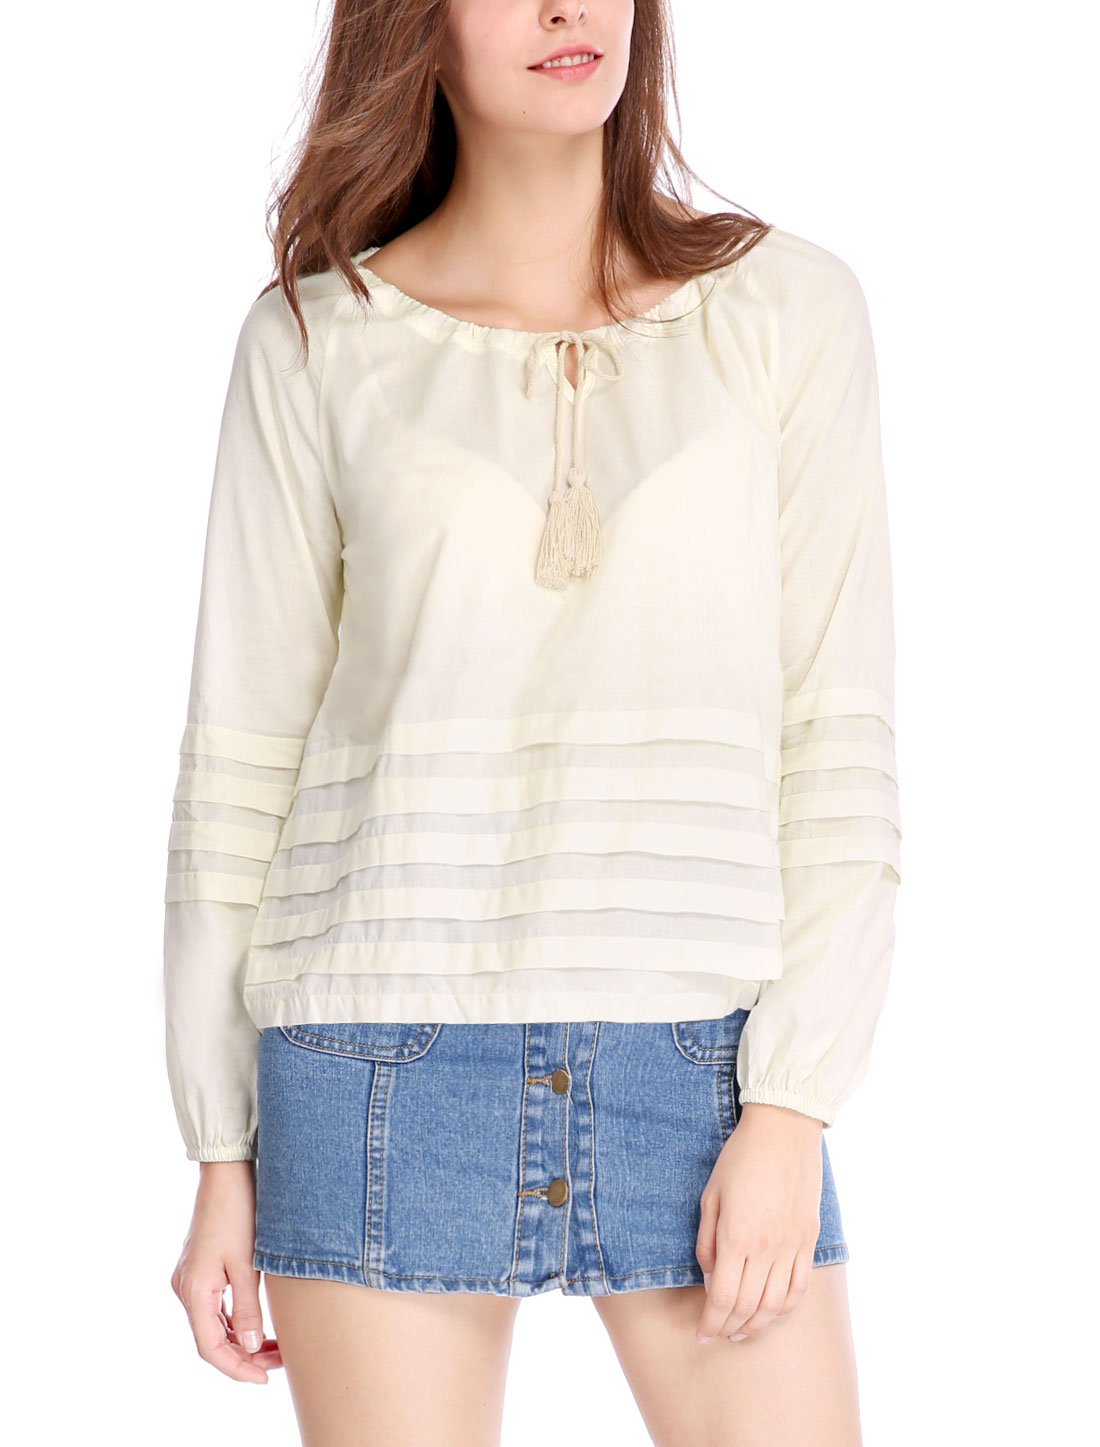 Women Tassel Tie Front Shutter Pleats Long Sleeves Blouse Ivory S